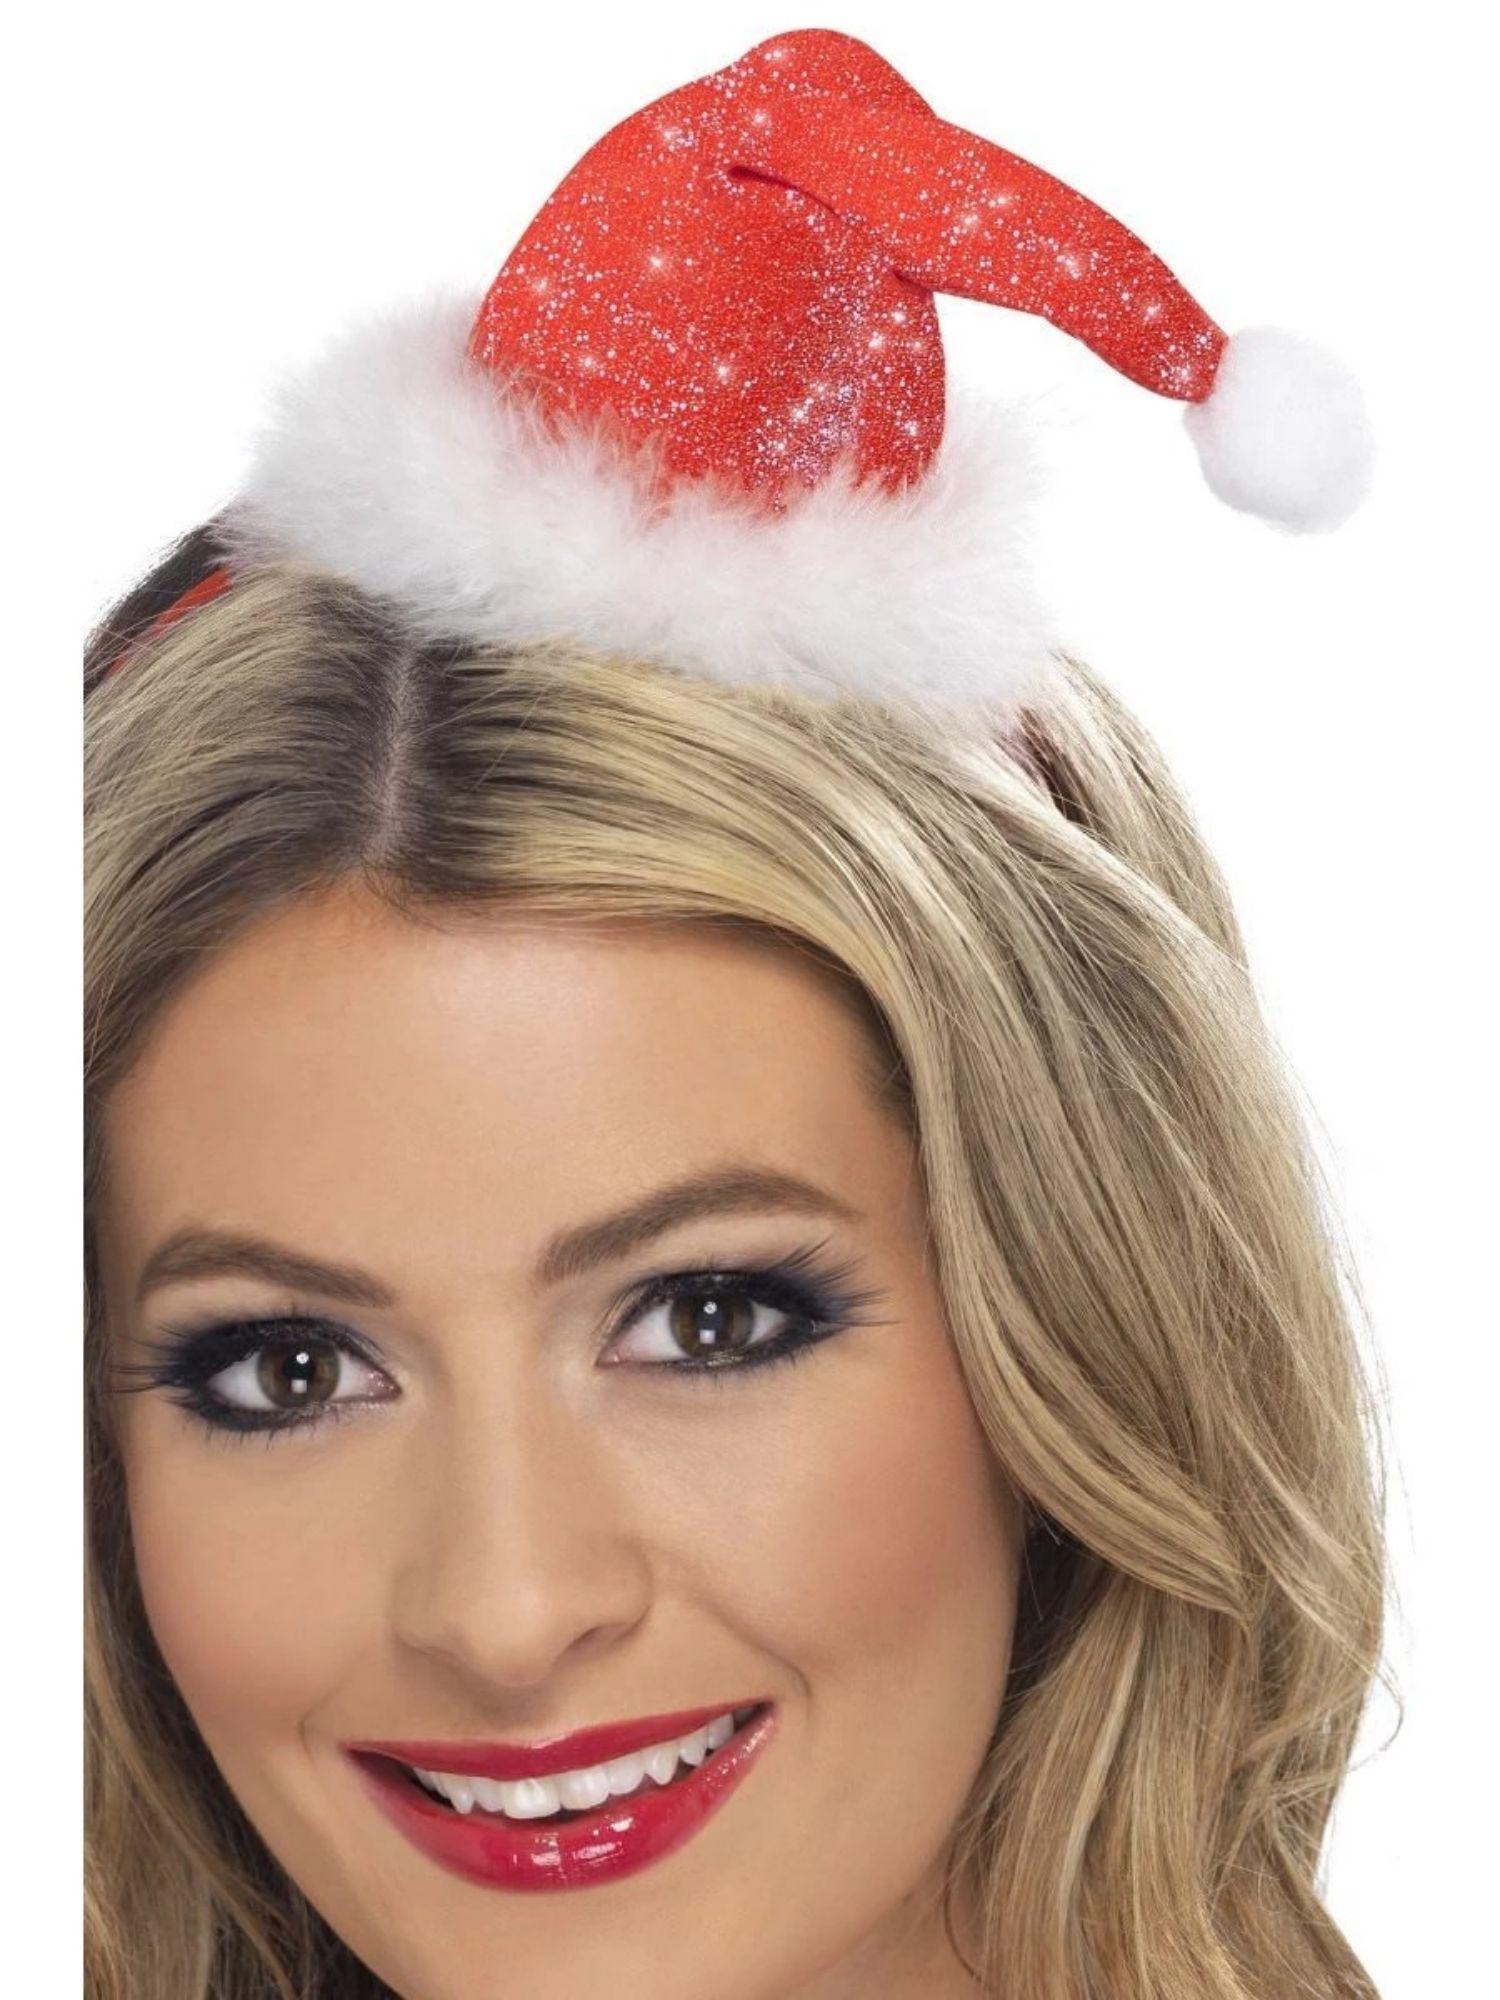 SANTA CLAUS HAT HEADBAND CHRISTMAS MINI RED WHITE XMAS WOMENS LADIES FANCY DRESS